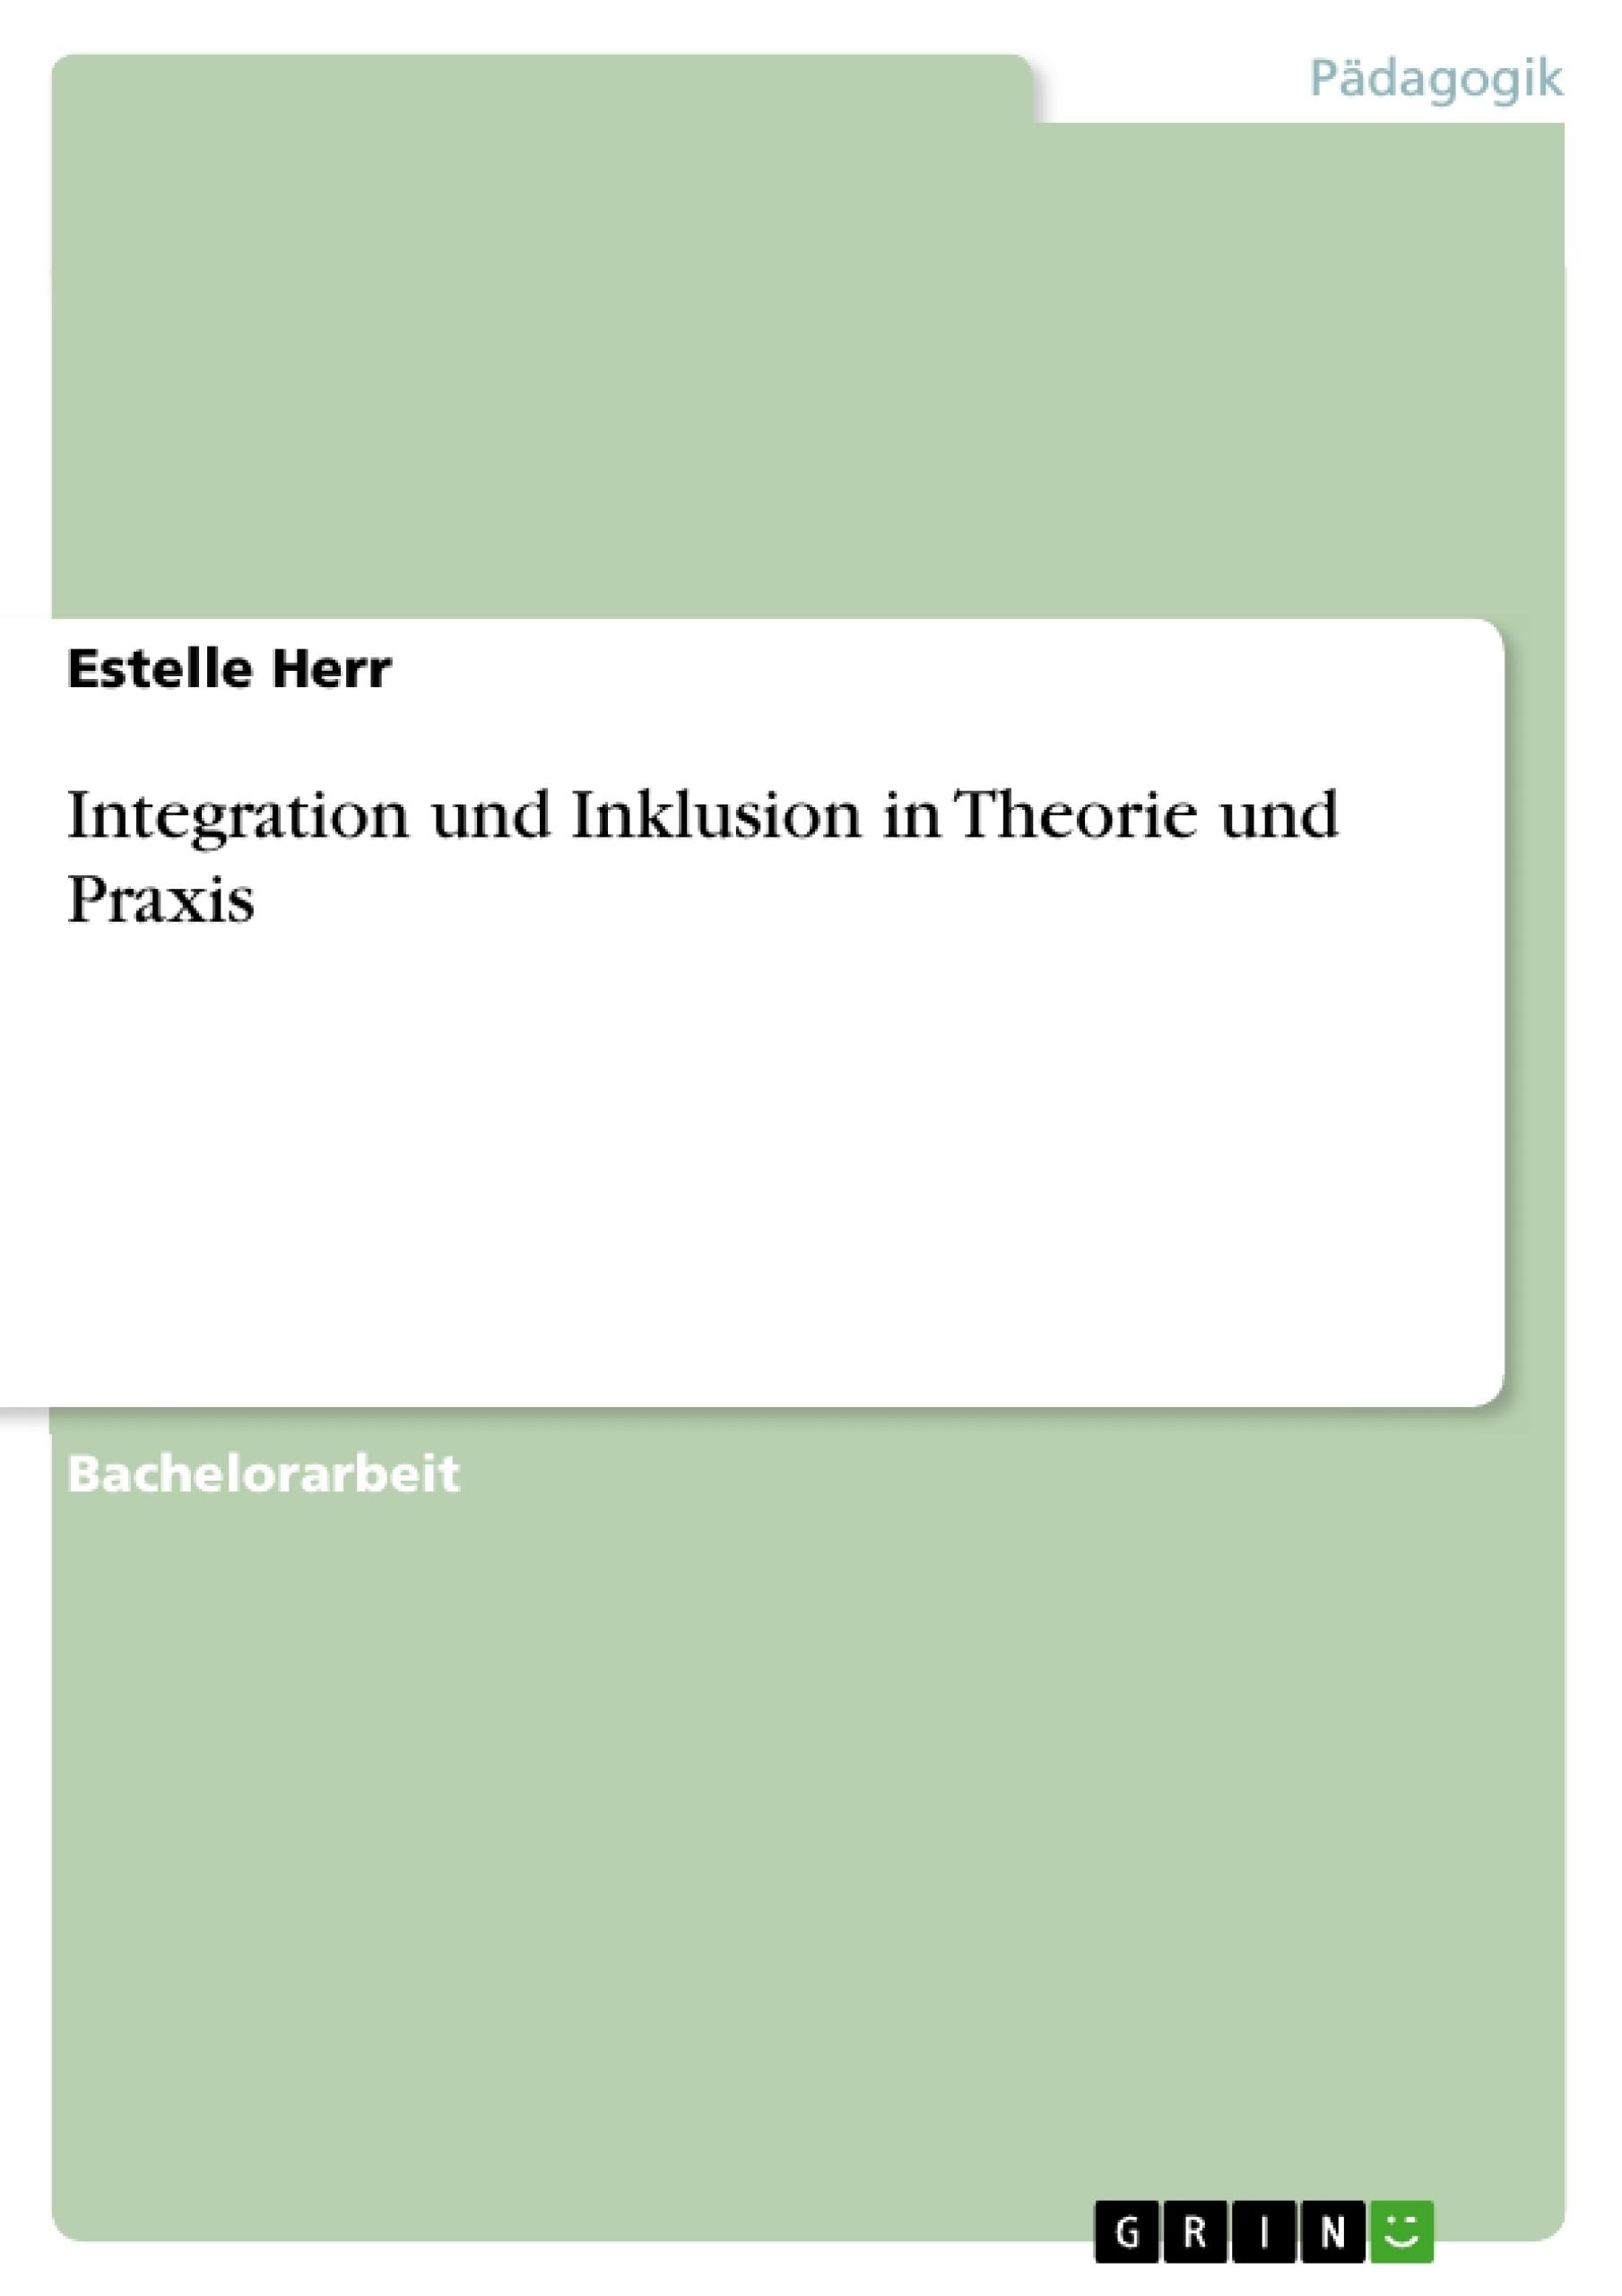 Titel: Integration und Inklusion in Theorie und Praxis